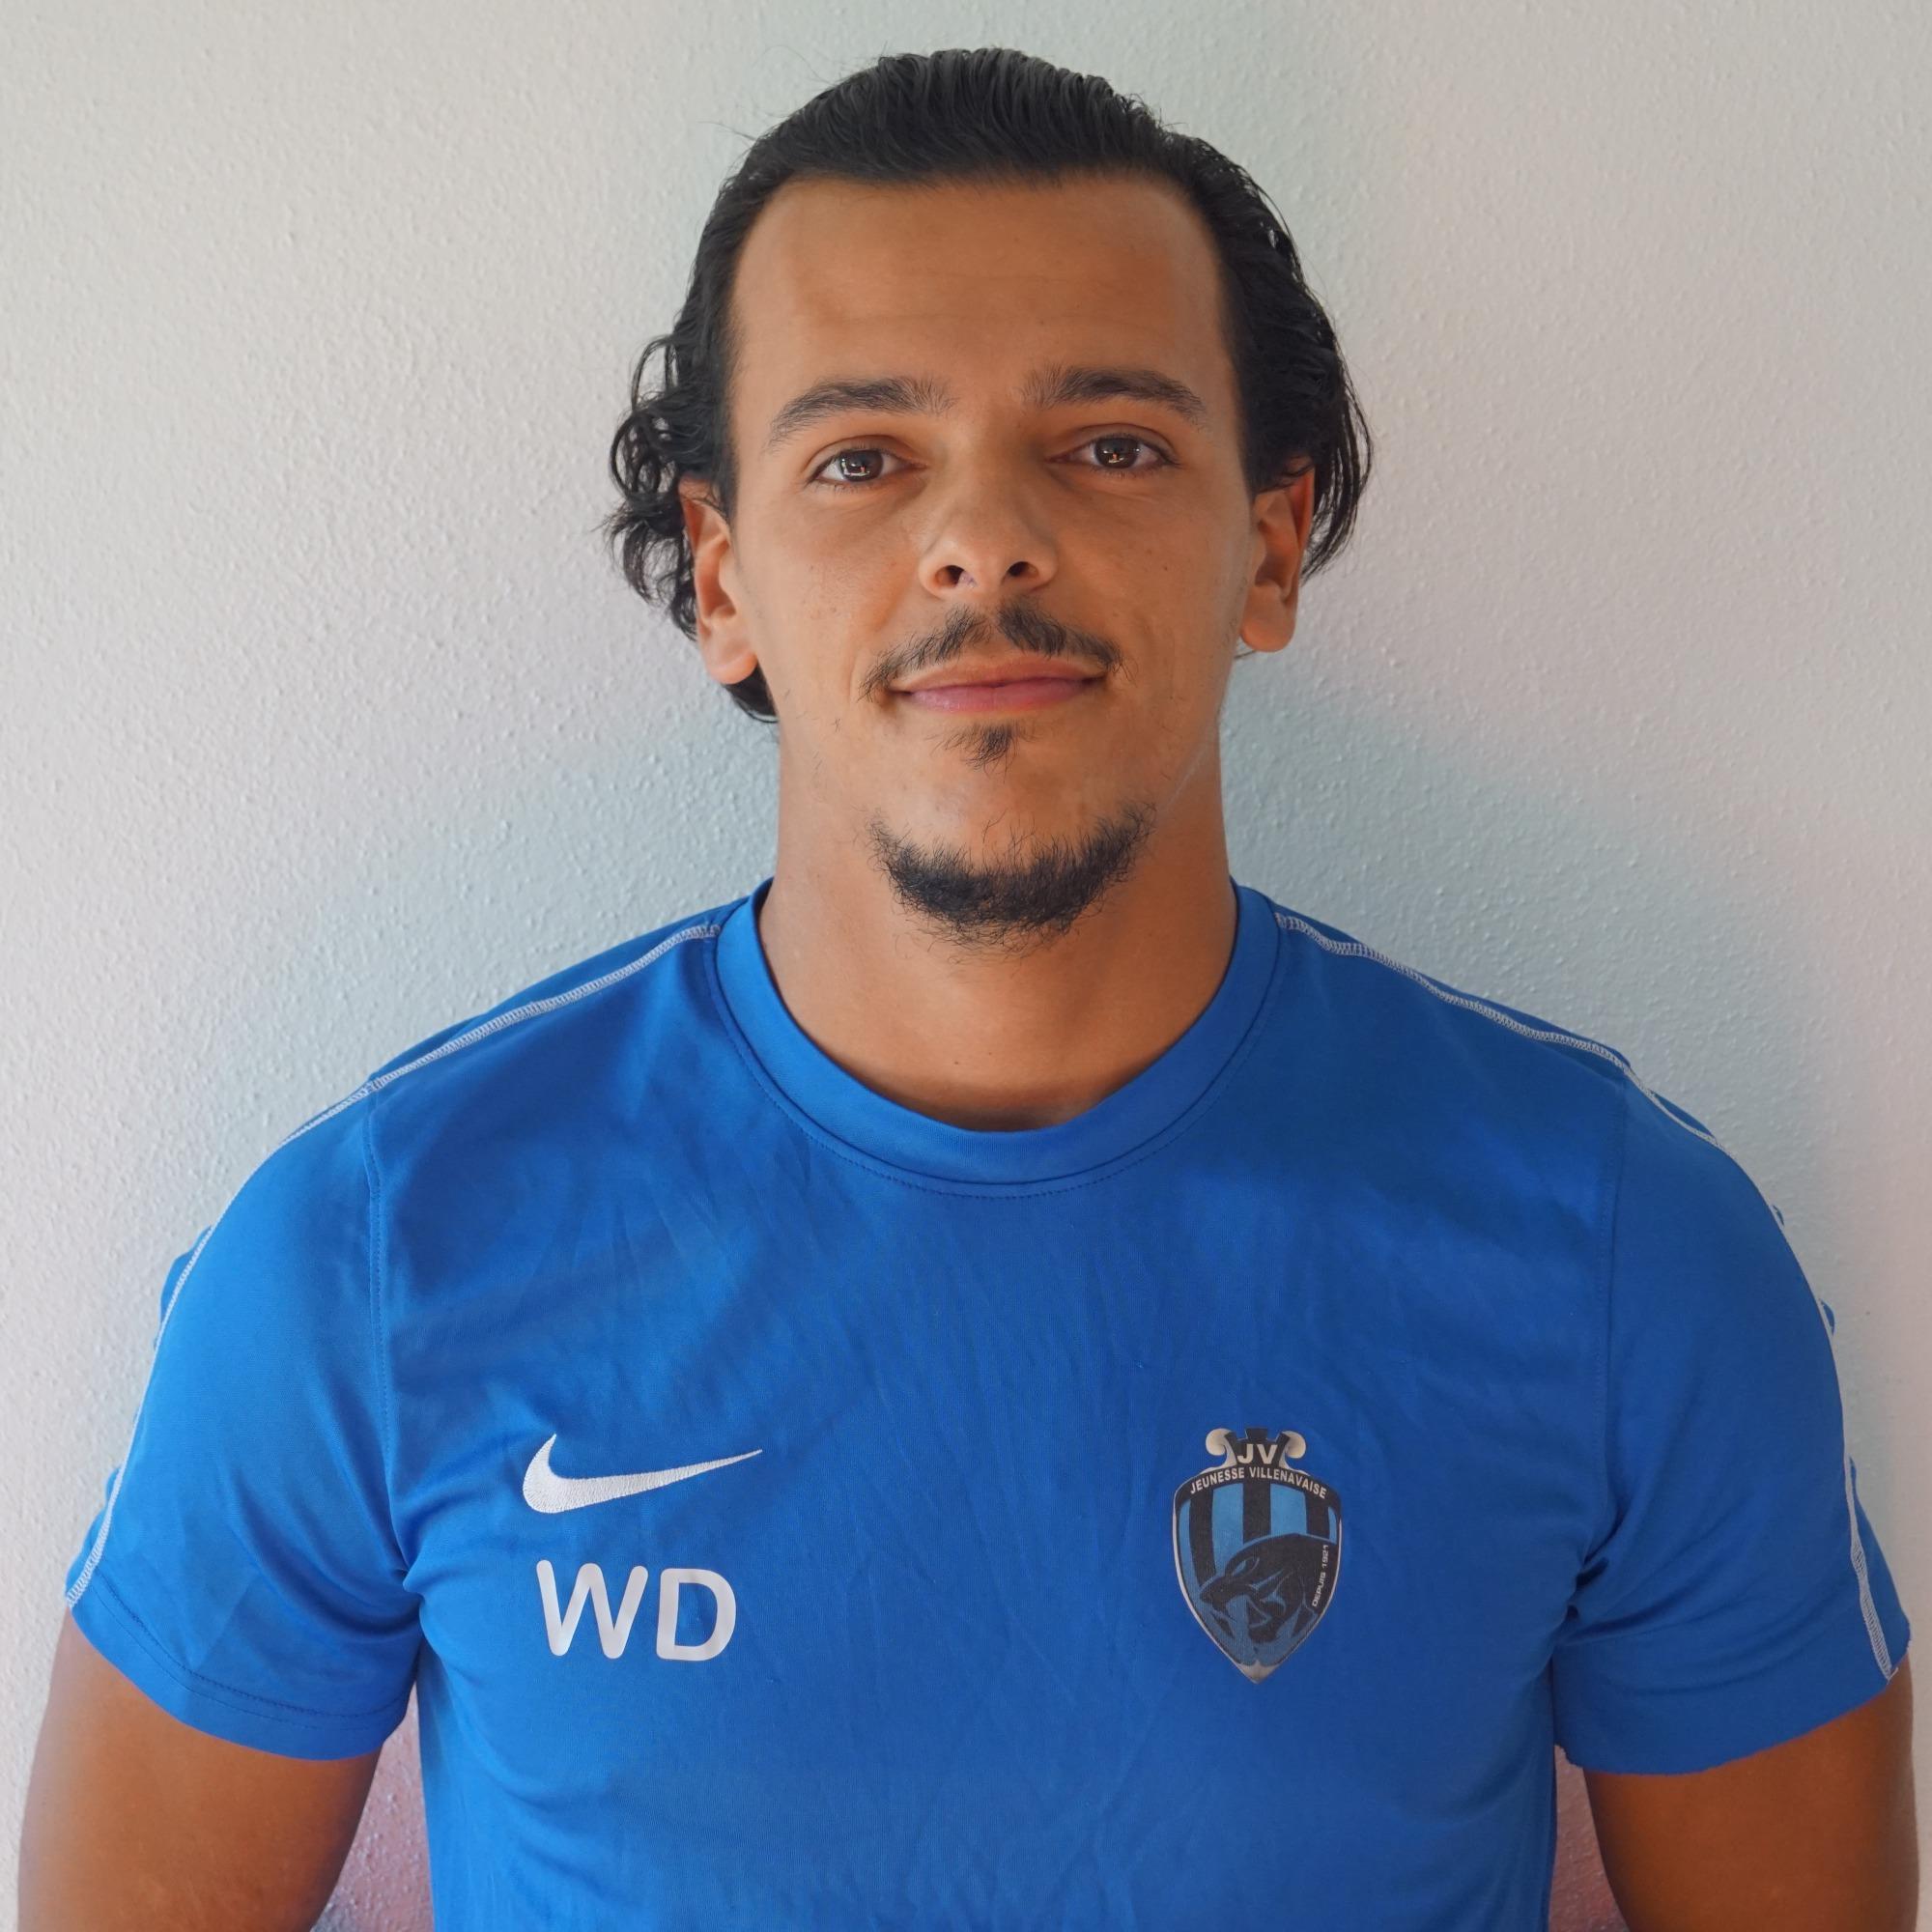 Walid Dja Daouadji